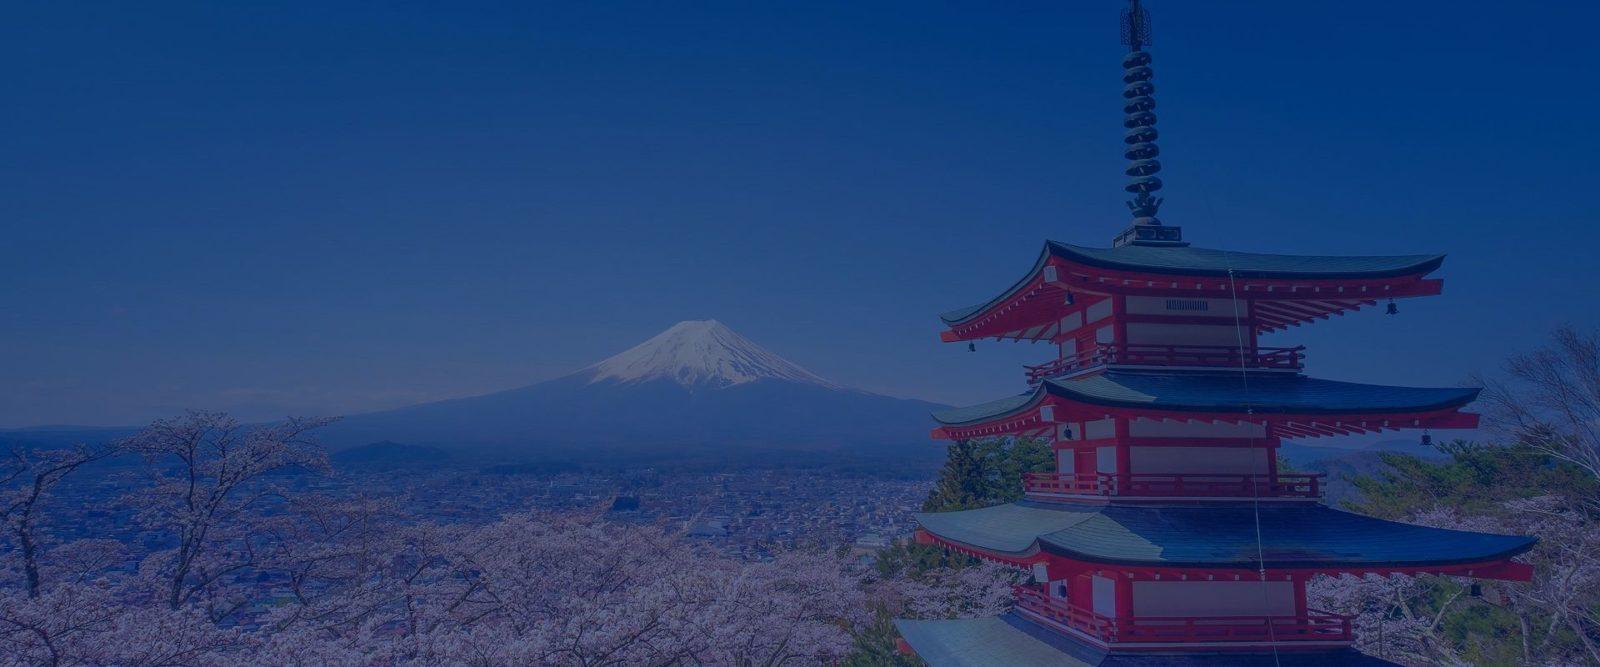 tokyo-japan-chureito-red-pagoda-and-mount-fuji